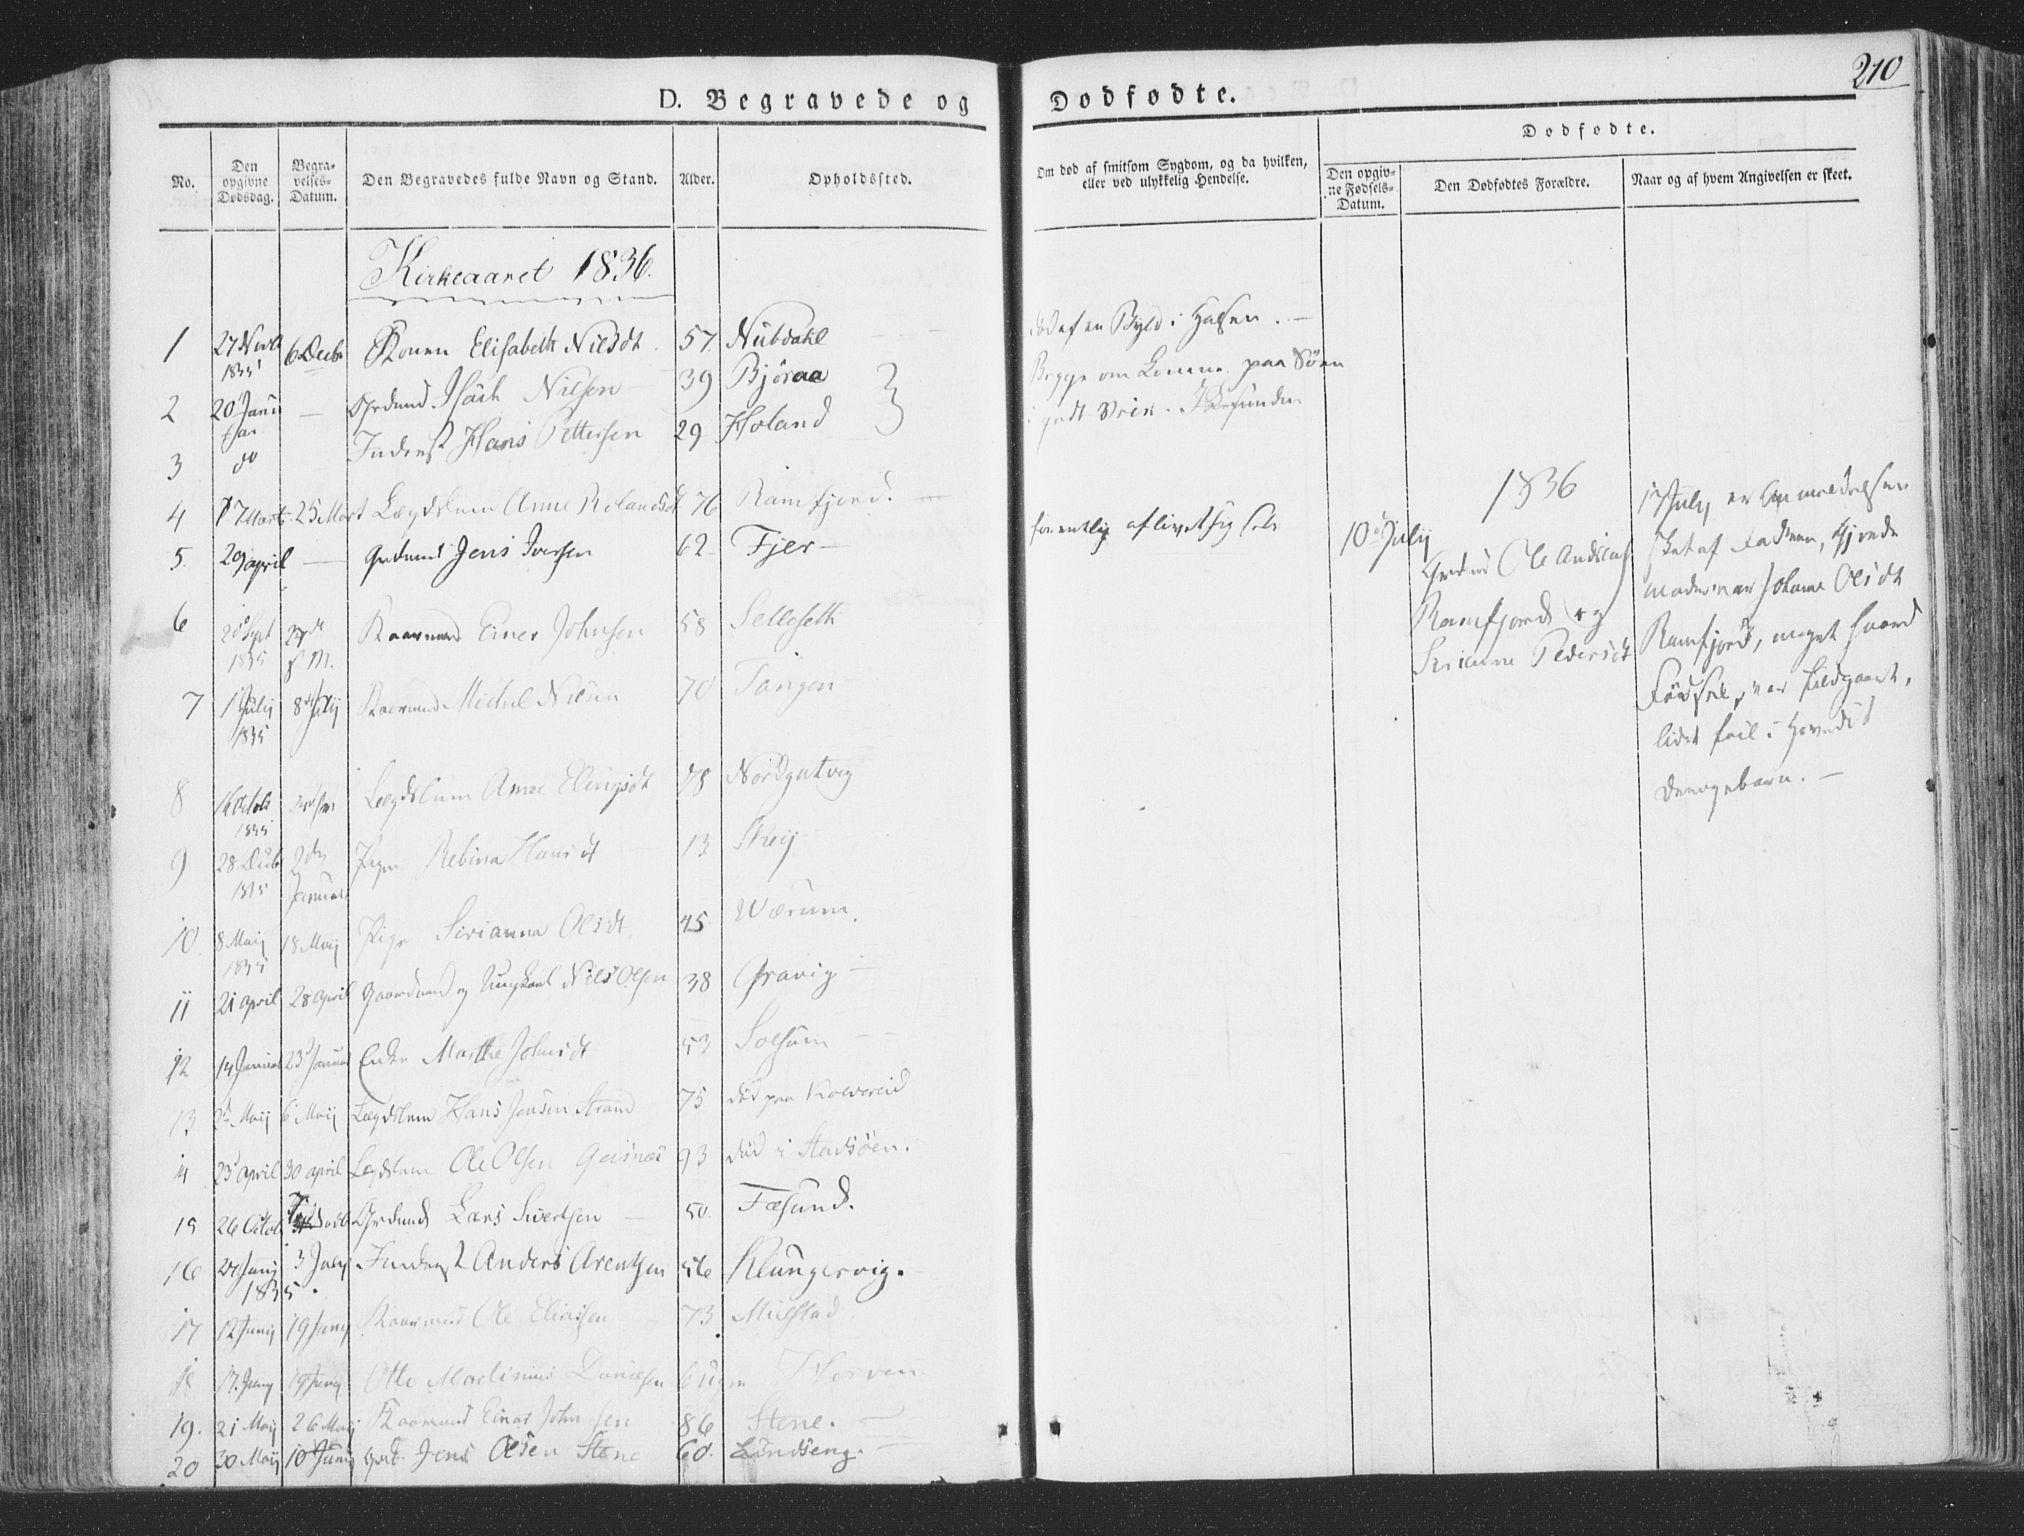 SAT, Ministerialprotokoller, klokkerbøker og fødselsregistre - Nord-Trøndelag, 780/L0639: Ministerialbok nr. 780A04, 1830-1844, s. 210